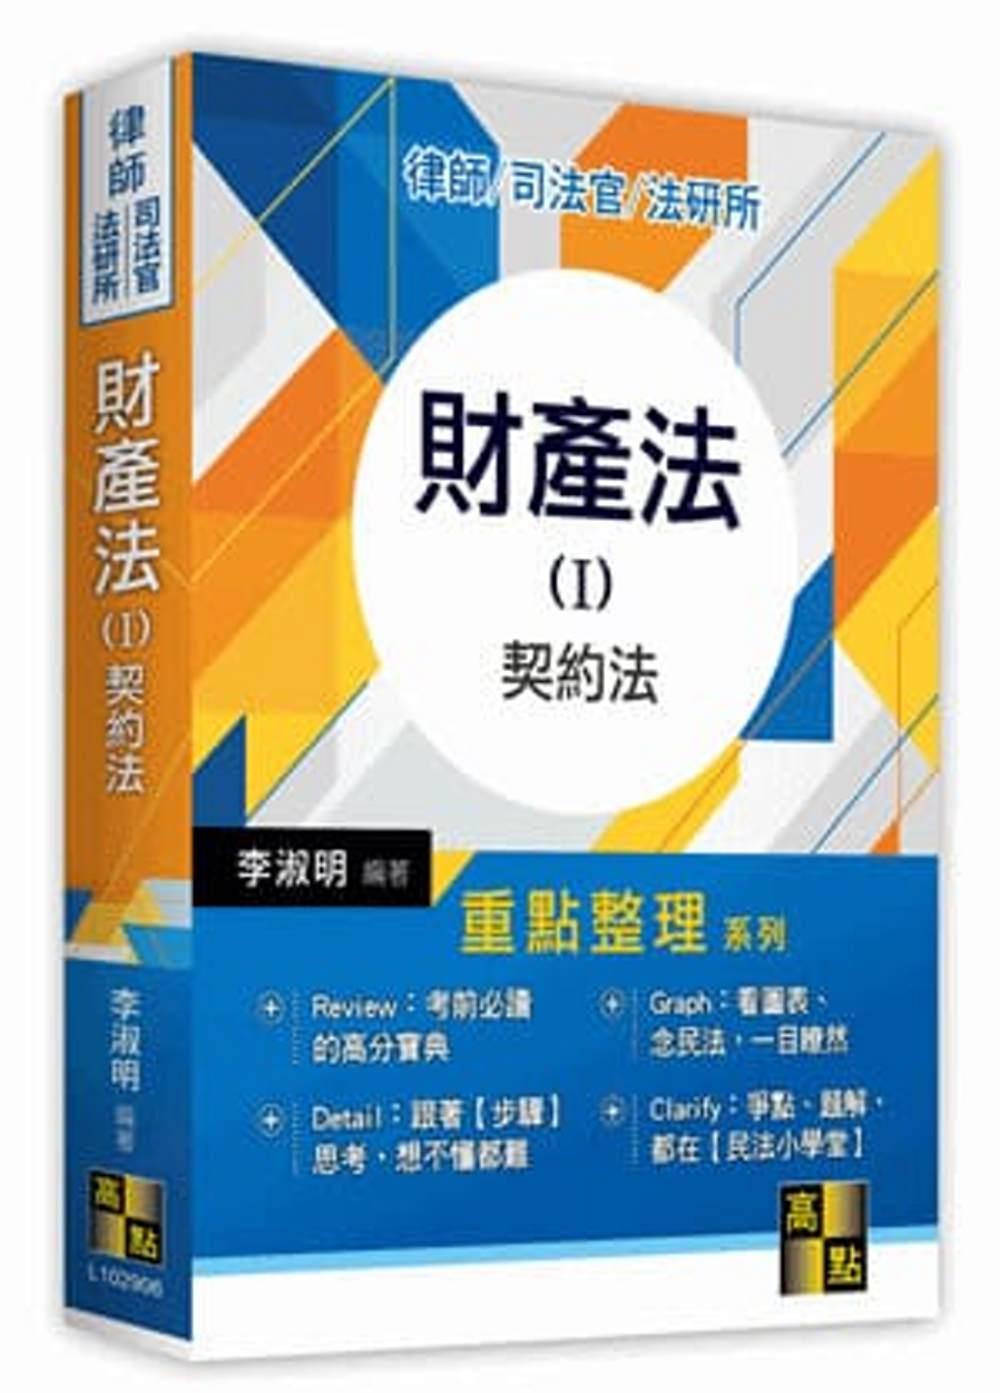 財產法(Ⅰ):契約法